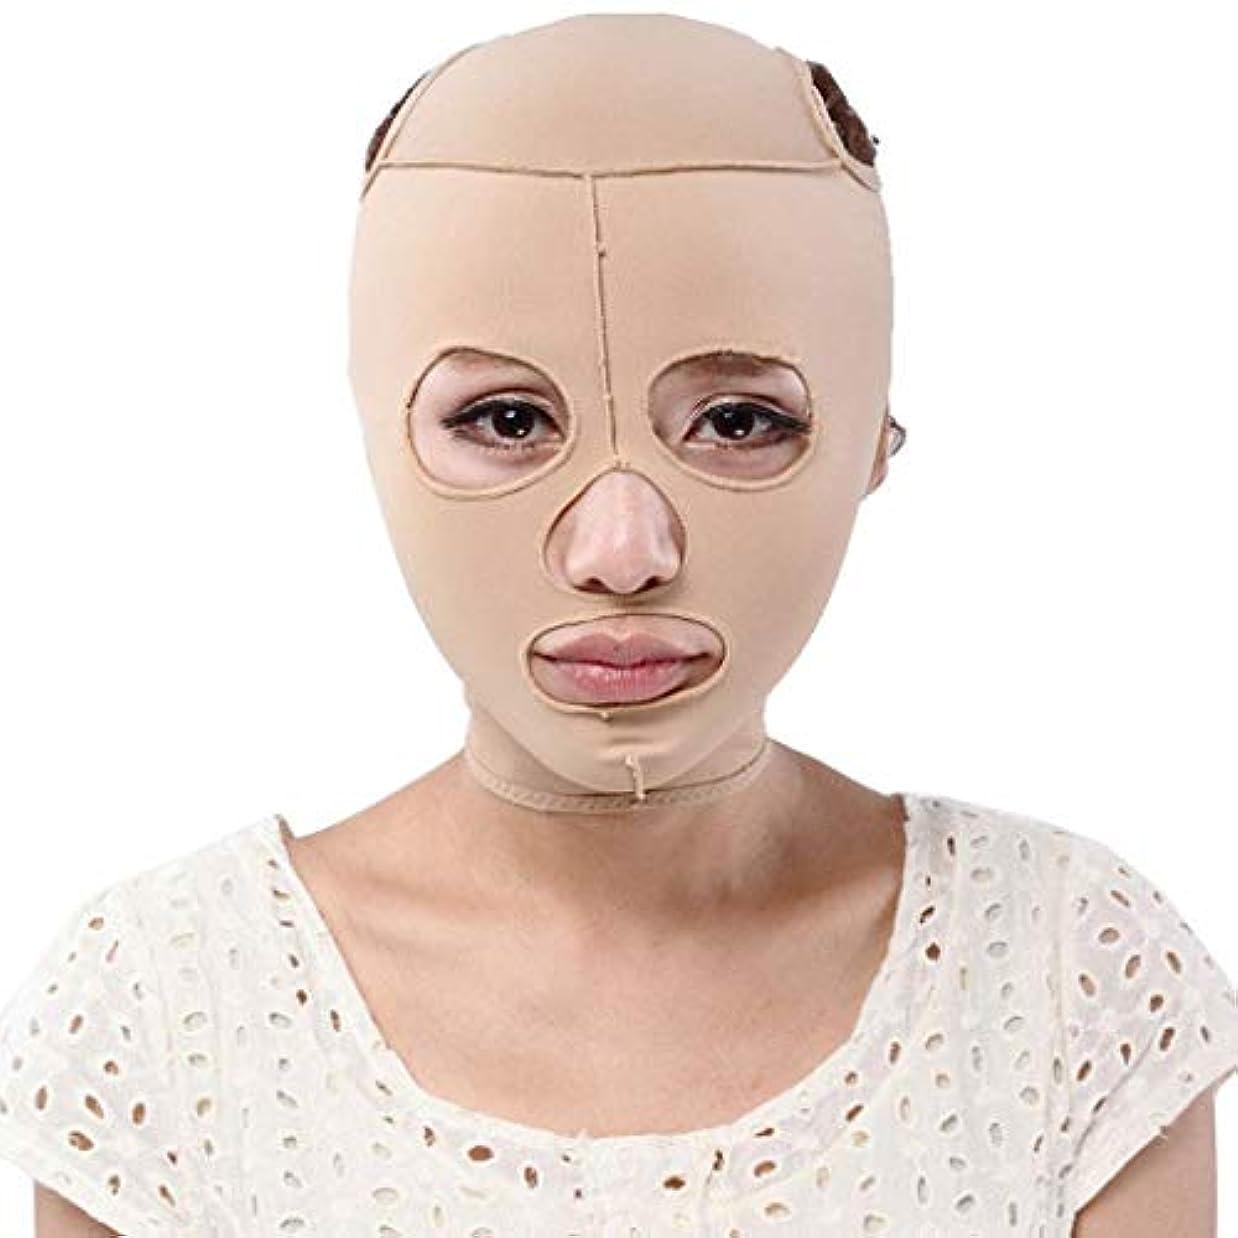 空虚守銭奴チャレンジフェイシャルスリミングマスク、フェイスリフティング包帯Vフェイスリフティングおよびリフティング/チンブラッシュスリムボディリダクションダブルチン減量包帯通気性、肌(XL) (S)